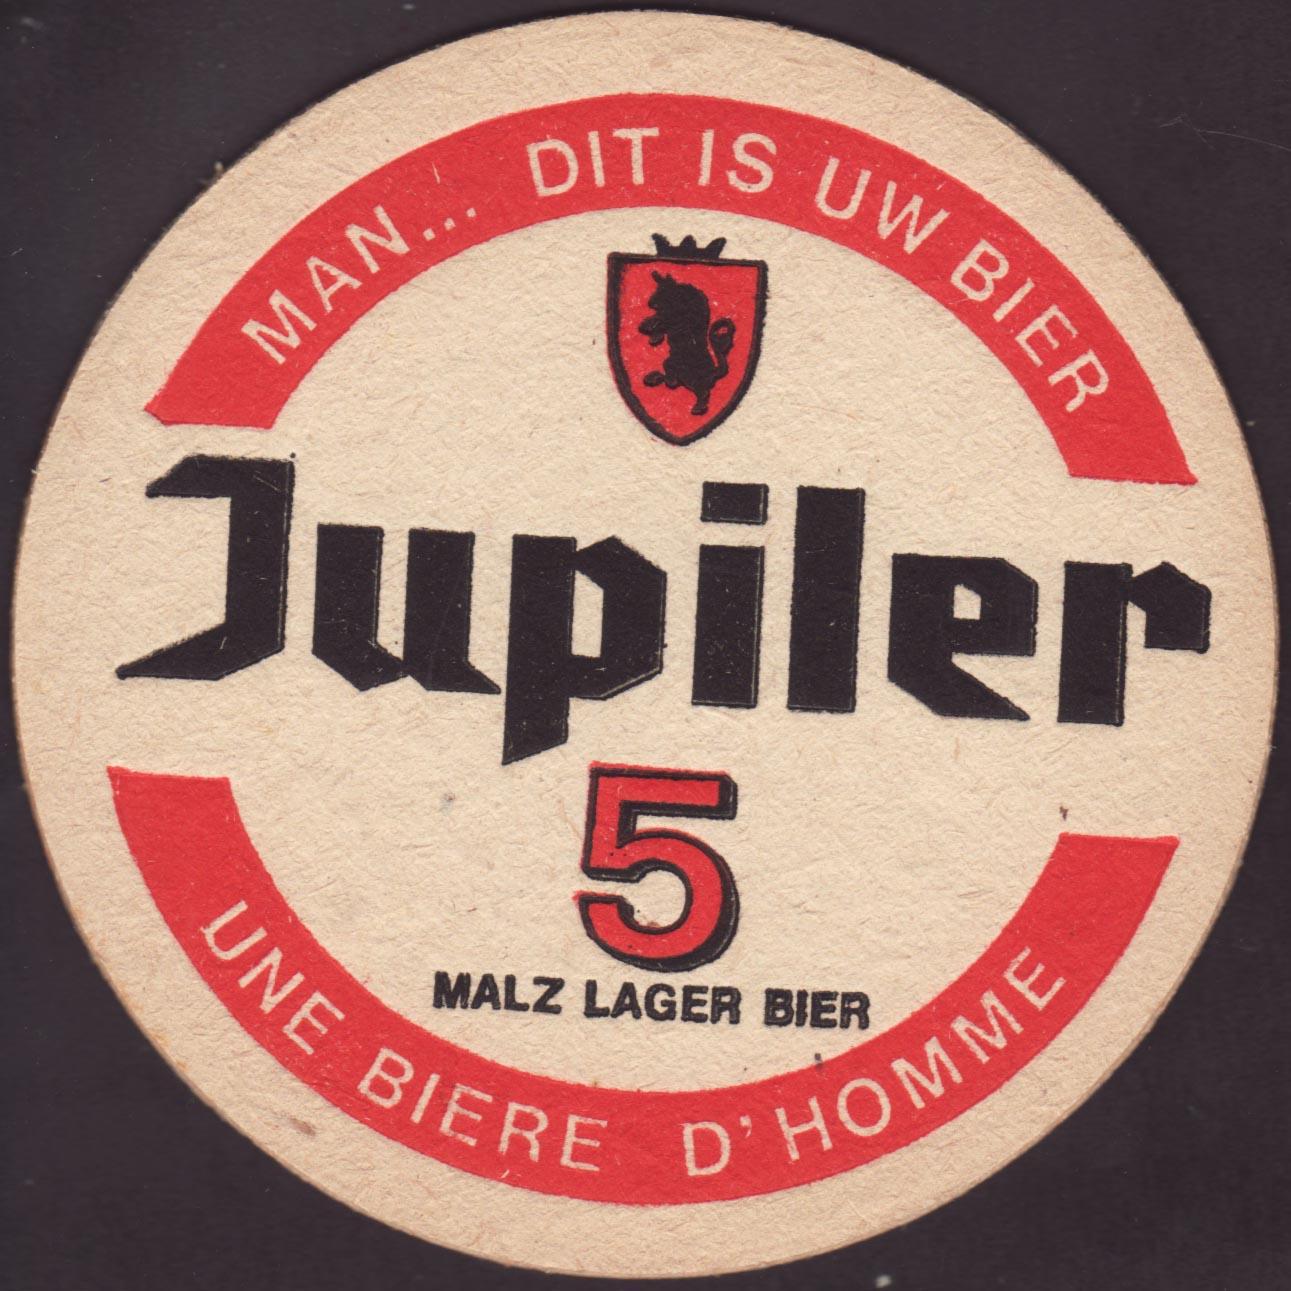 Beer coaster piedboeuf-17